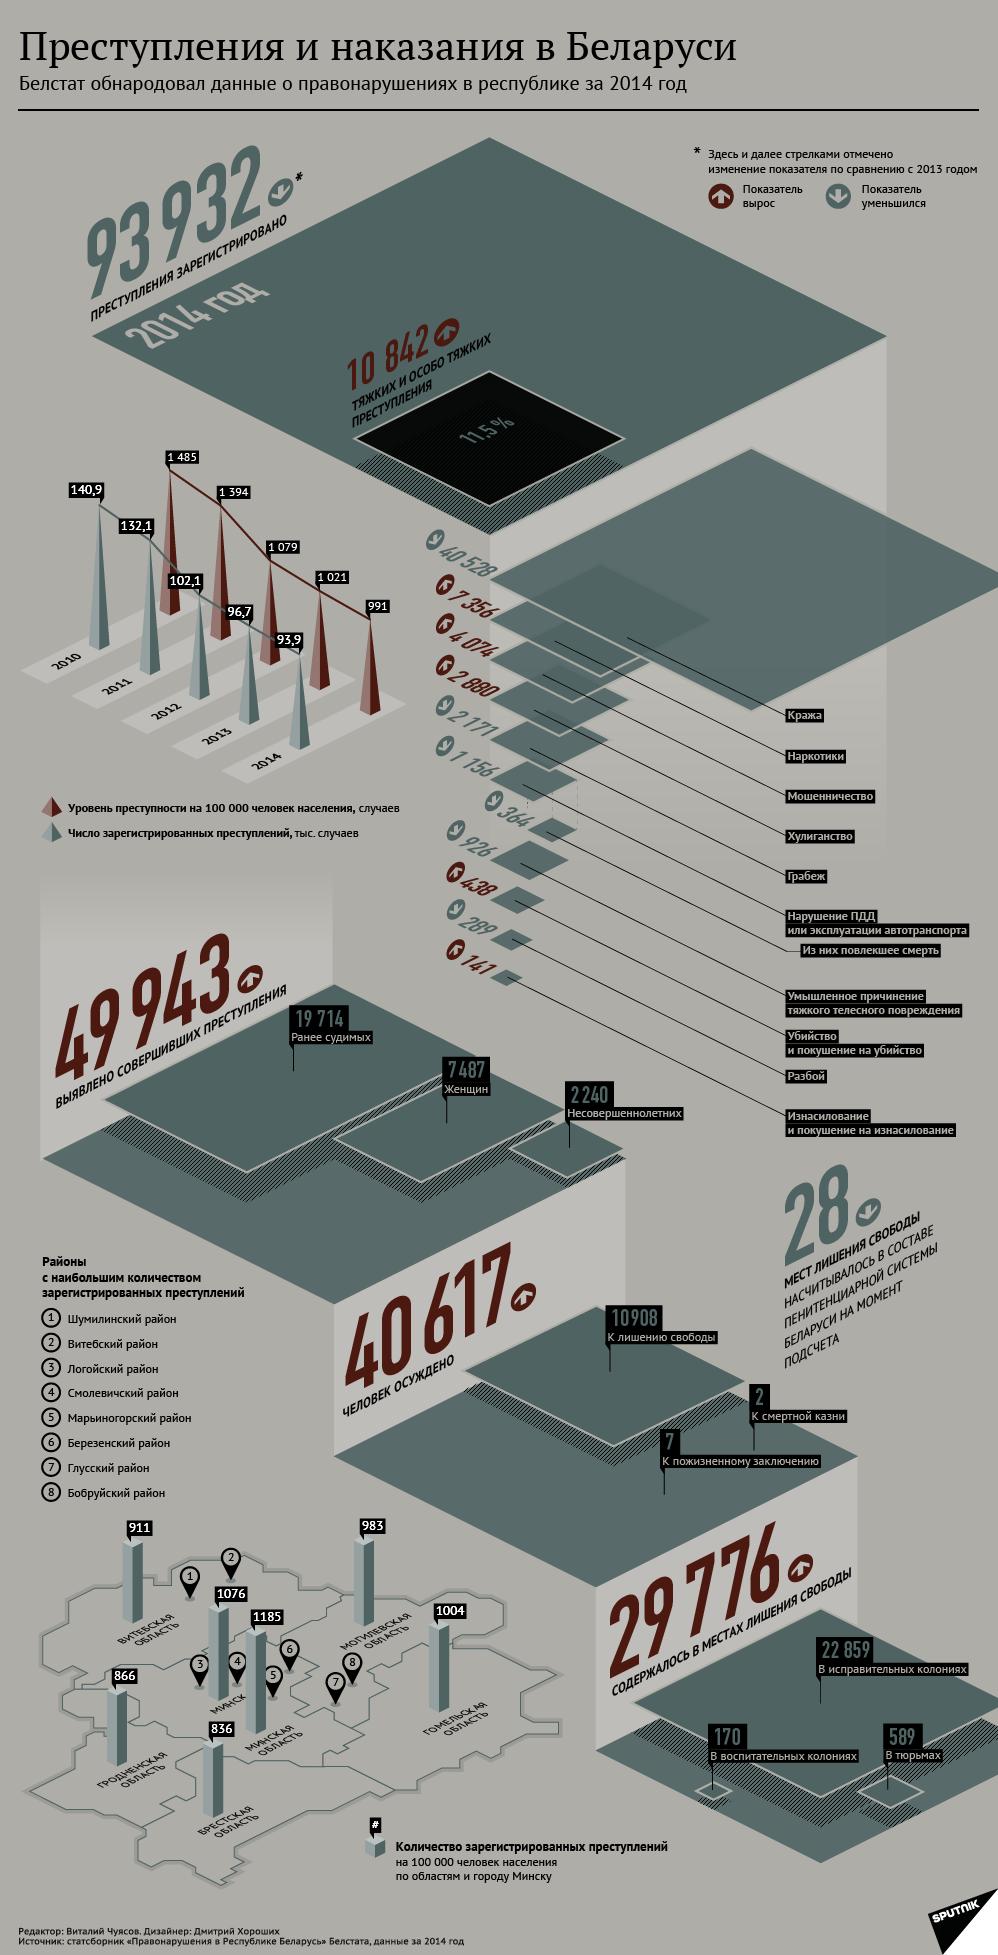 Преступления и наказания в Беларуси